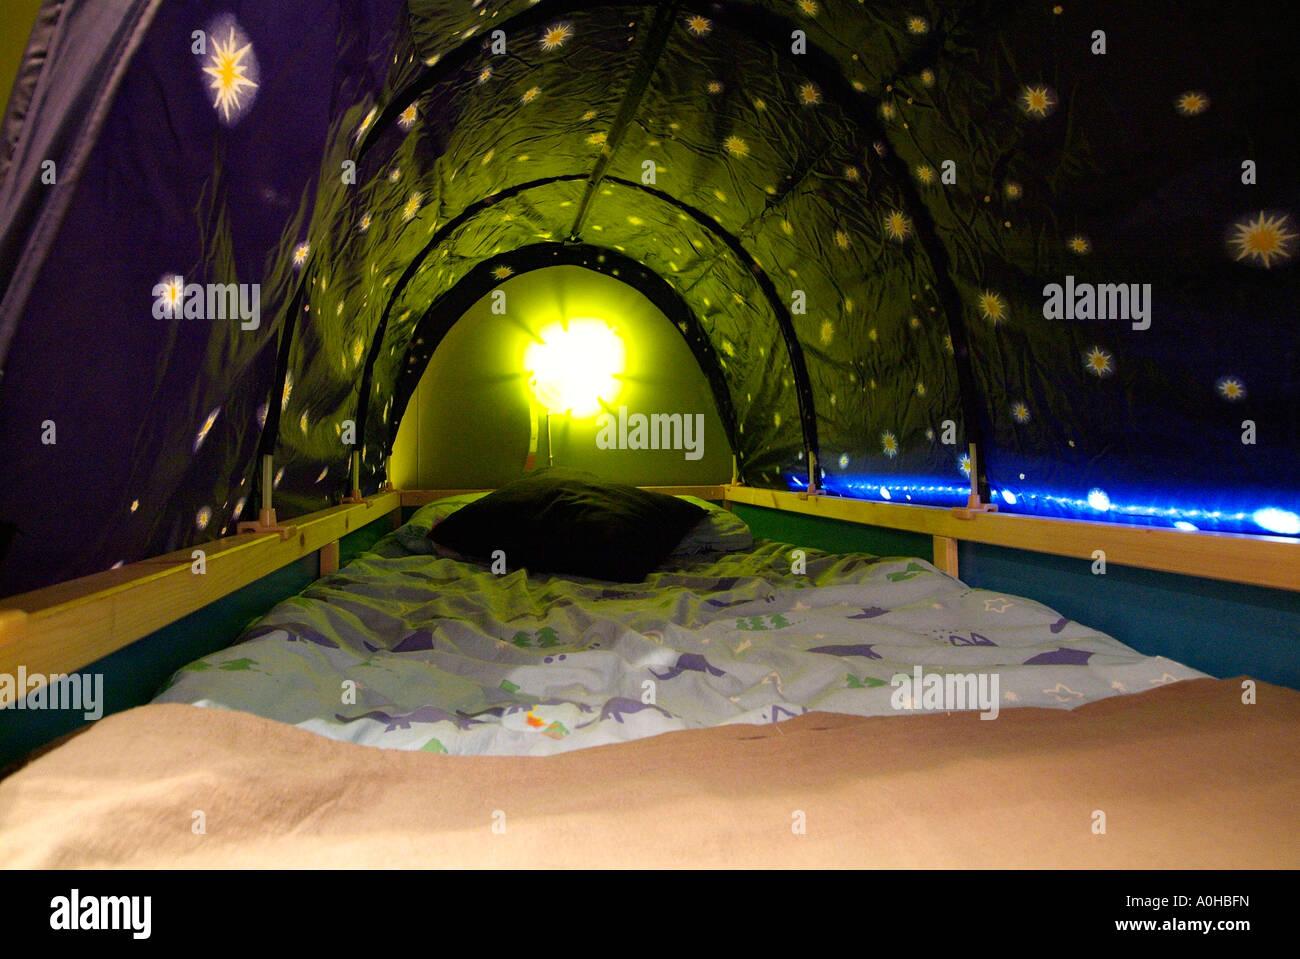 Bett Kinder Jugendliche Jungen Madchen Koje Tunnel Hohle